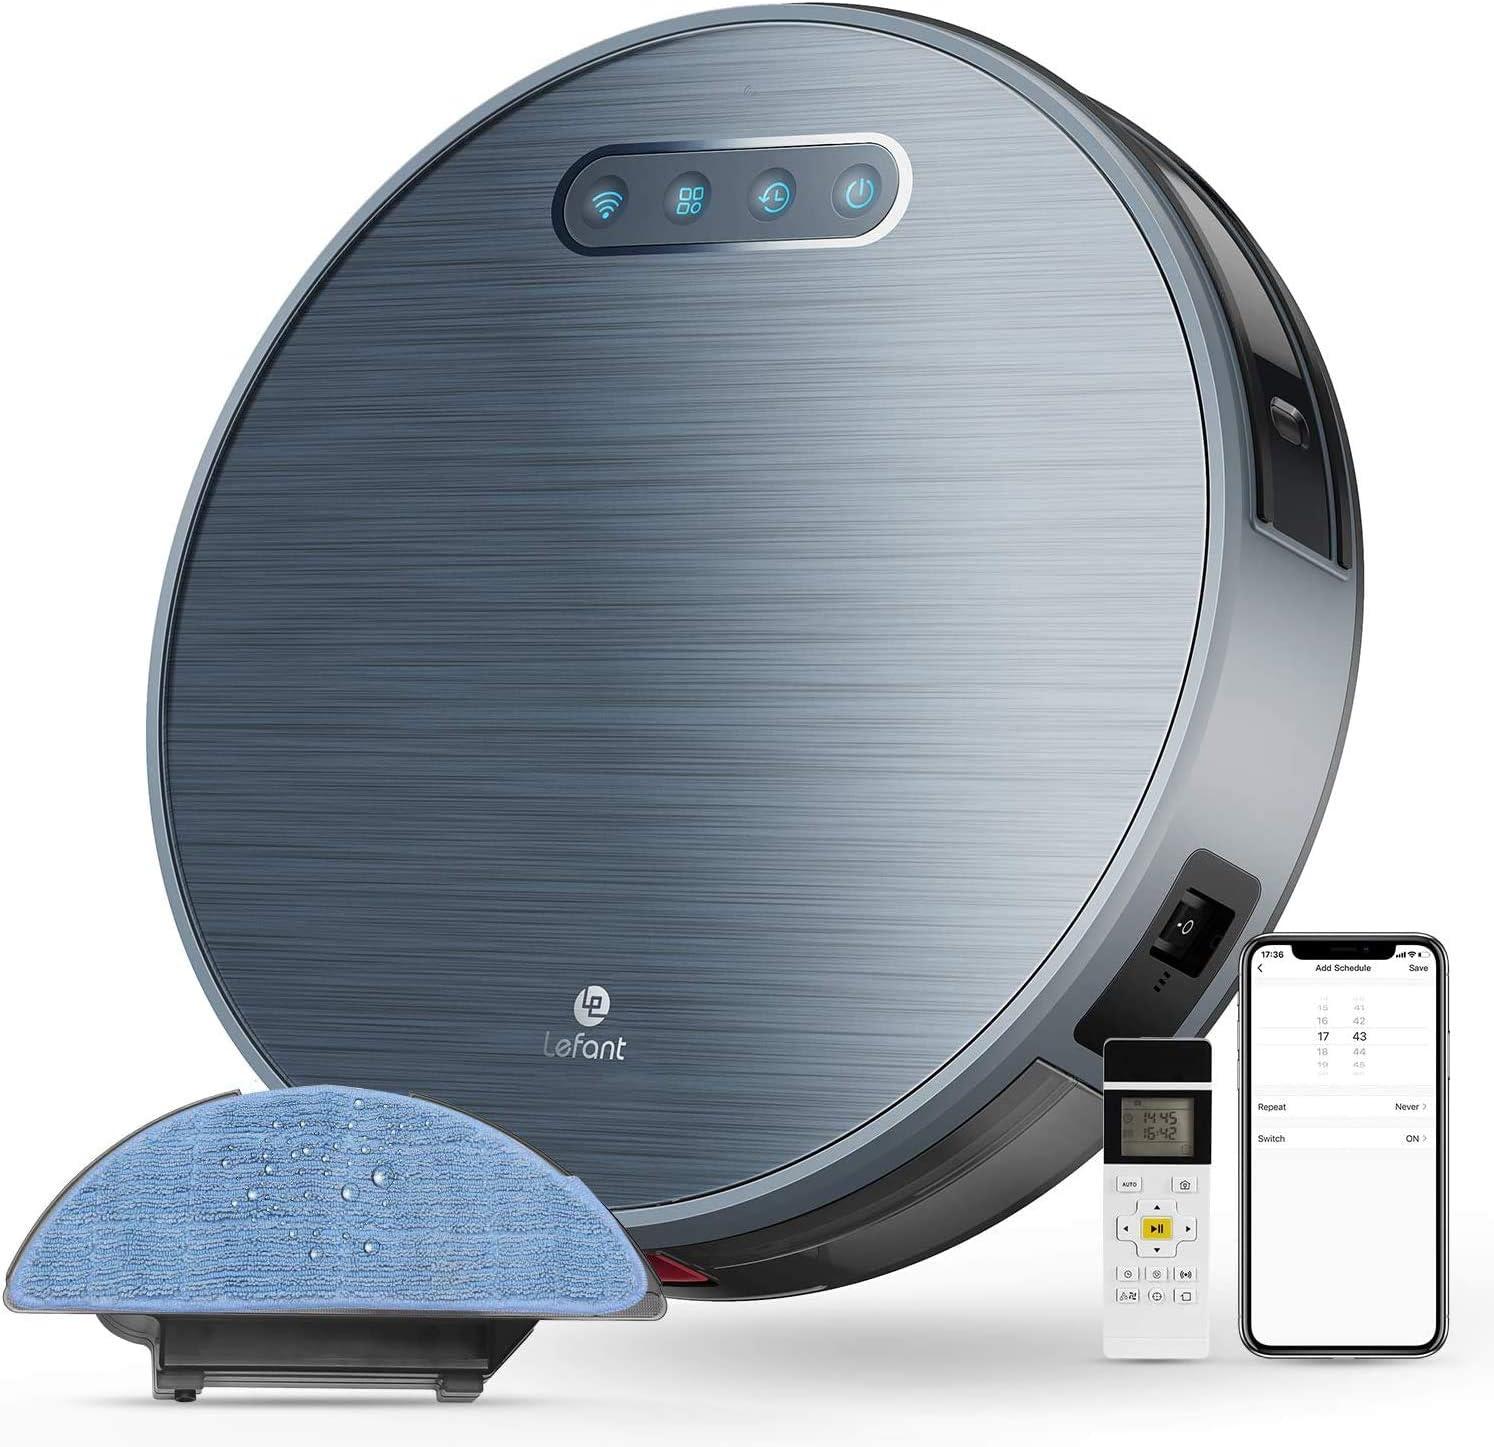 LEFANT Robot Aspirador y Fregasuelos y 3 Horas de autonomía 4500MAH WiFi con 2200 Pa,aplicación doméstica Alexa/Google/Control Remoto Ideal Podrías Cambiar lo de alfombras Cortas de Animales M571: Amazon.es: Hogar